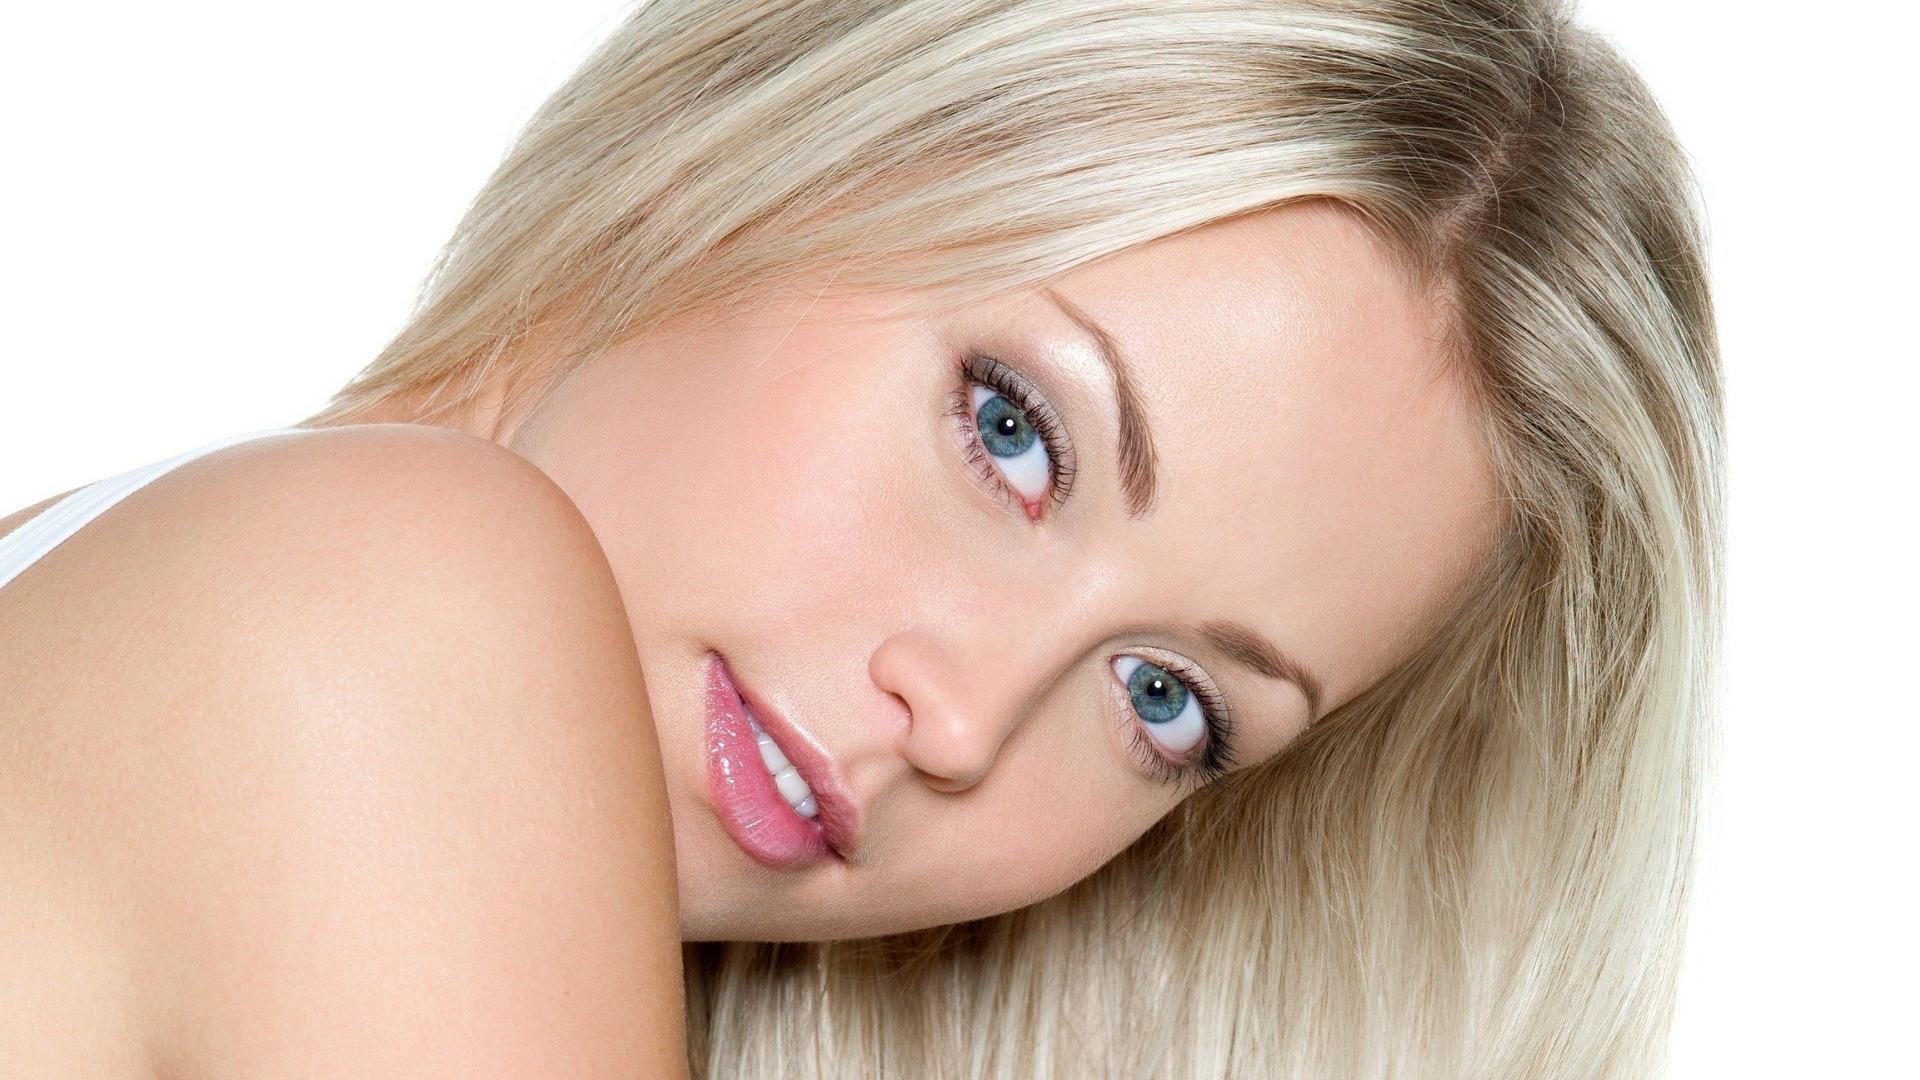 Расширитель рта для блондинки фото 20 фотография